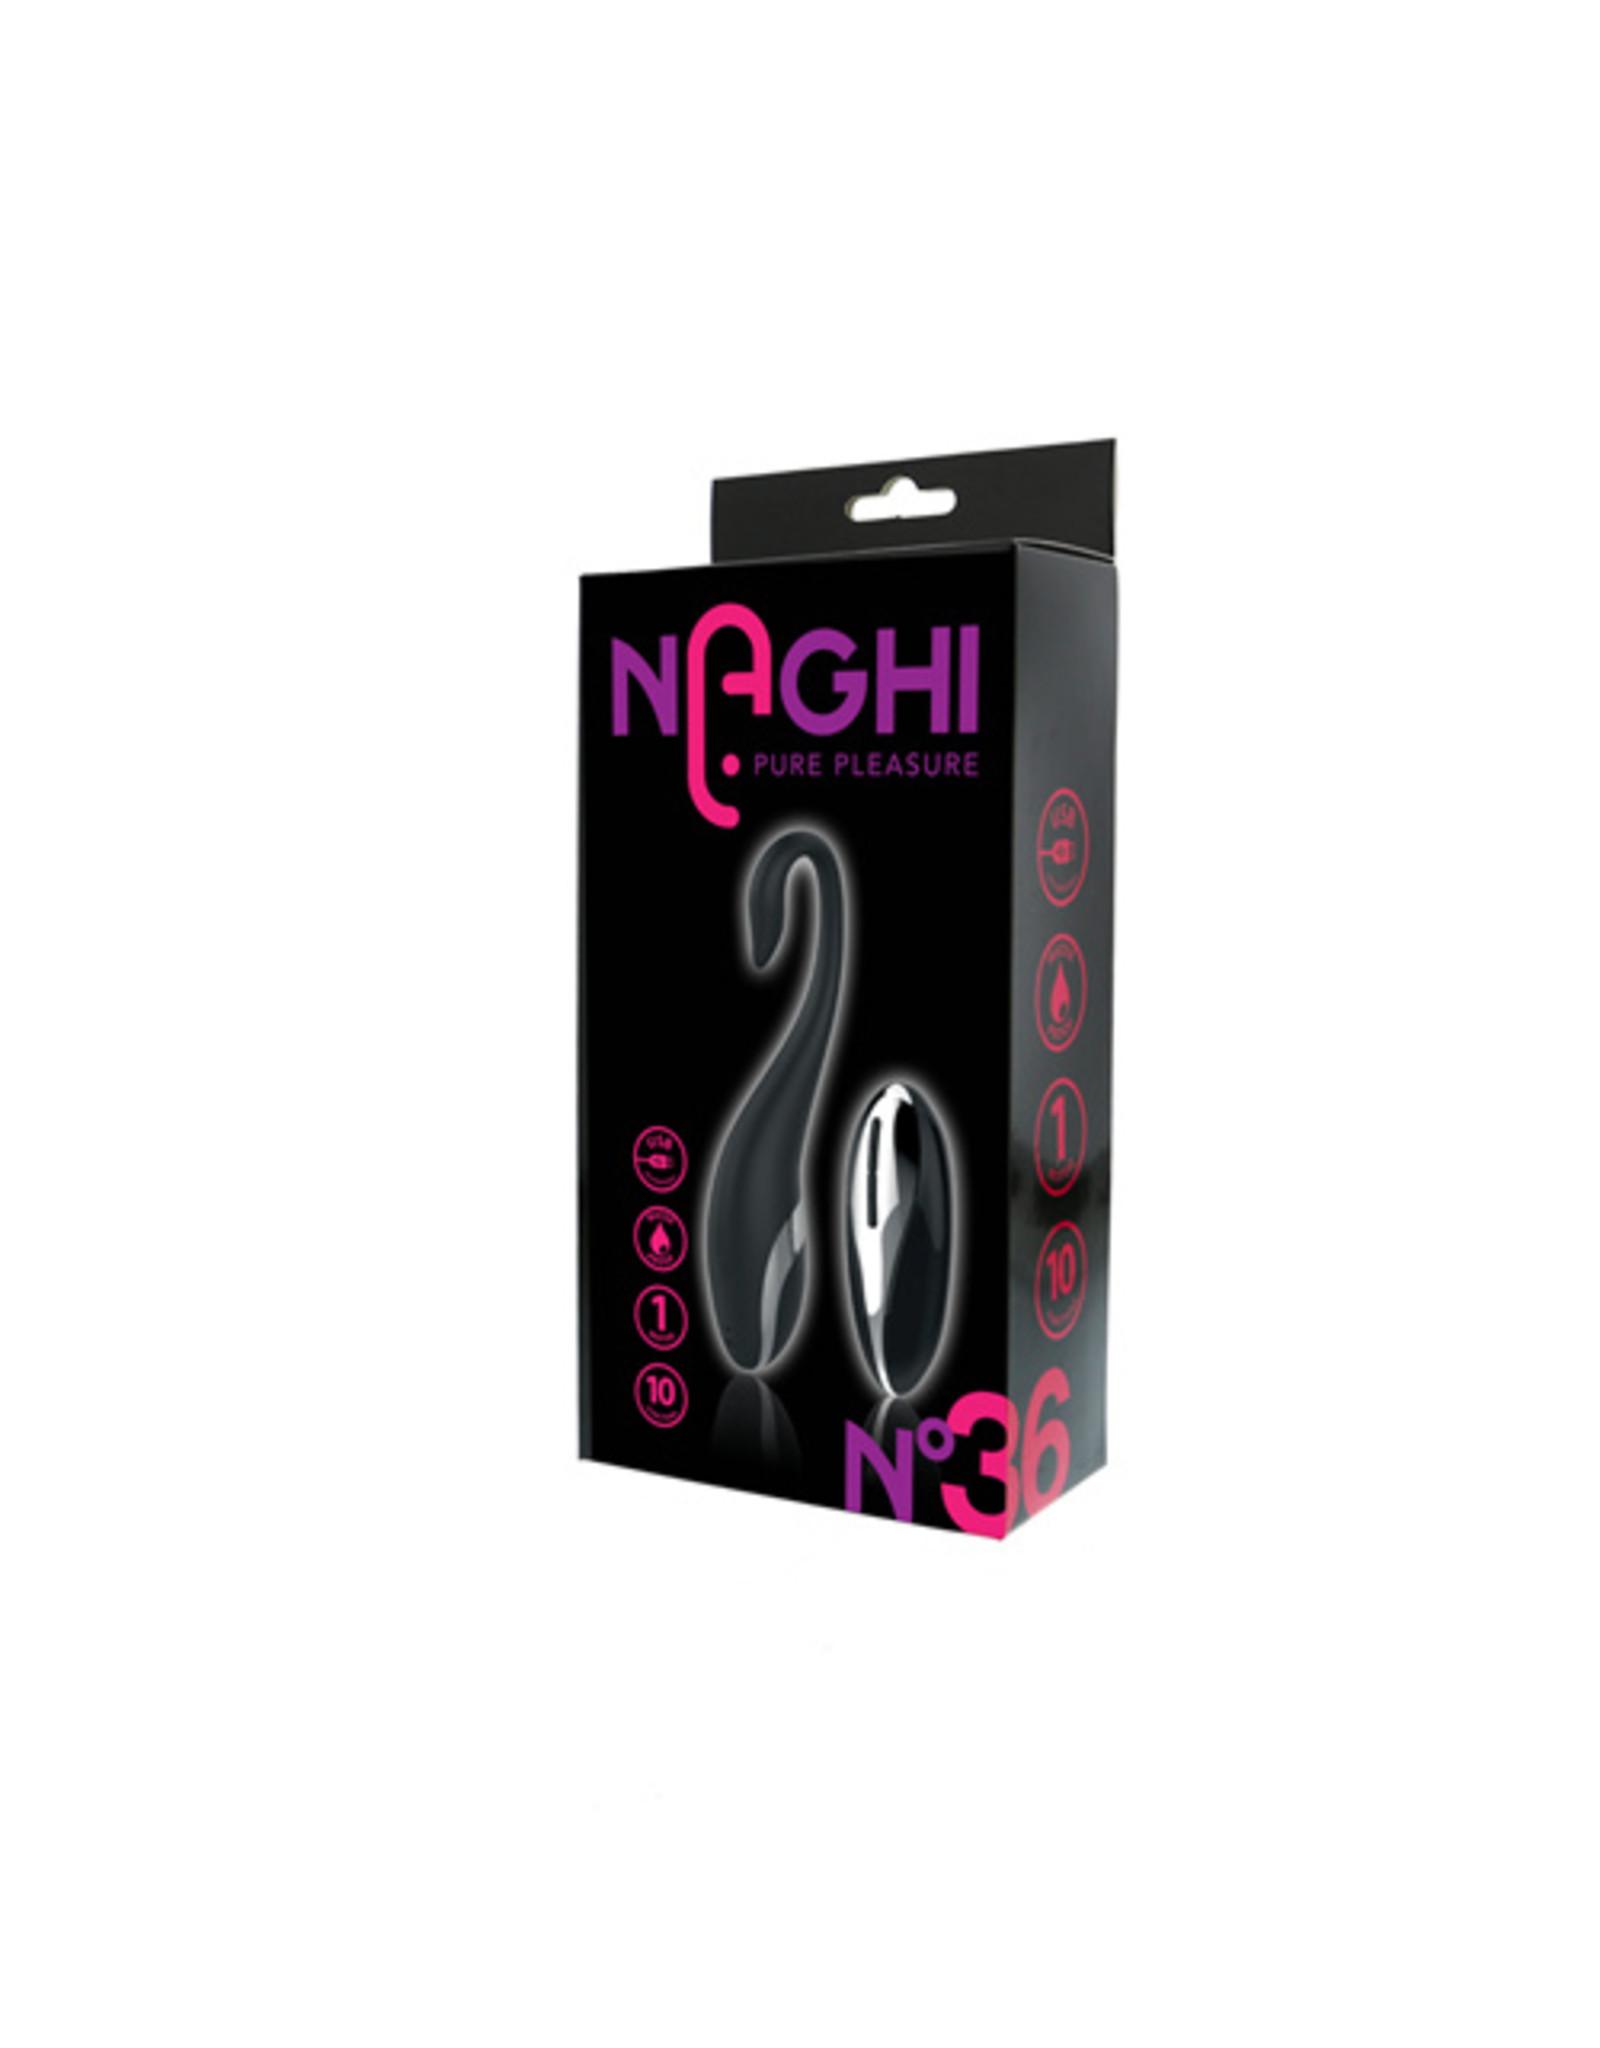 Naghi Naghi No.36 - Vibrerend Eitje met Afstandsbediening